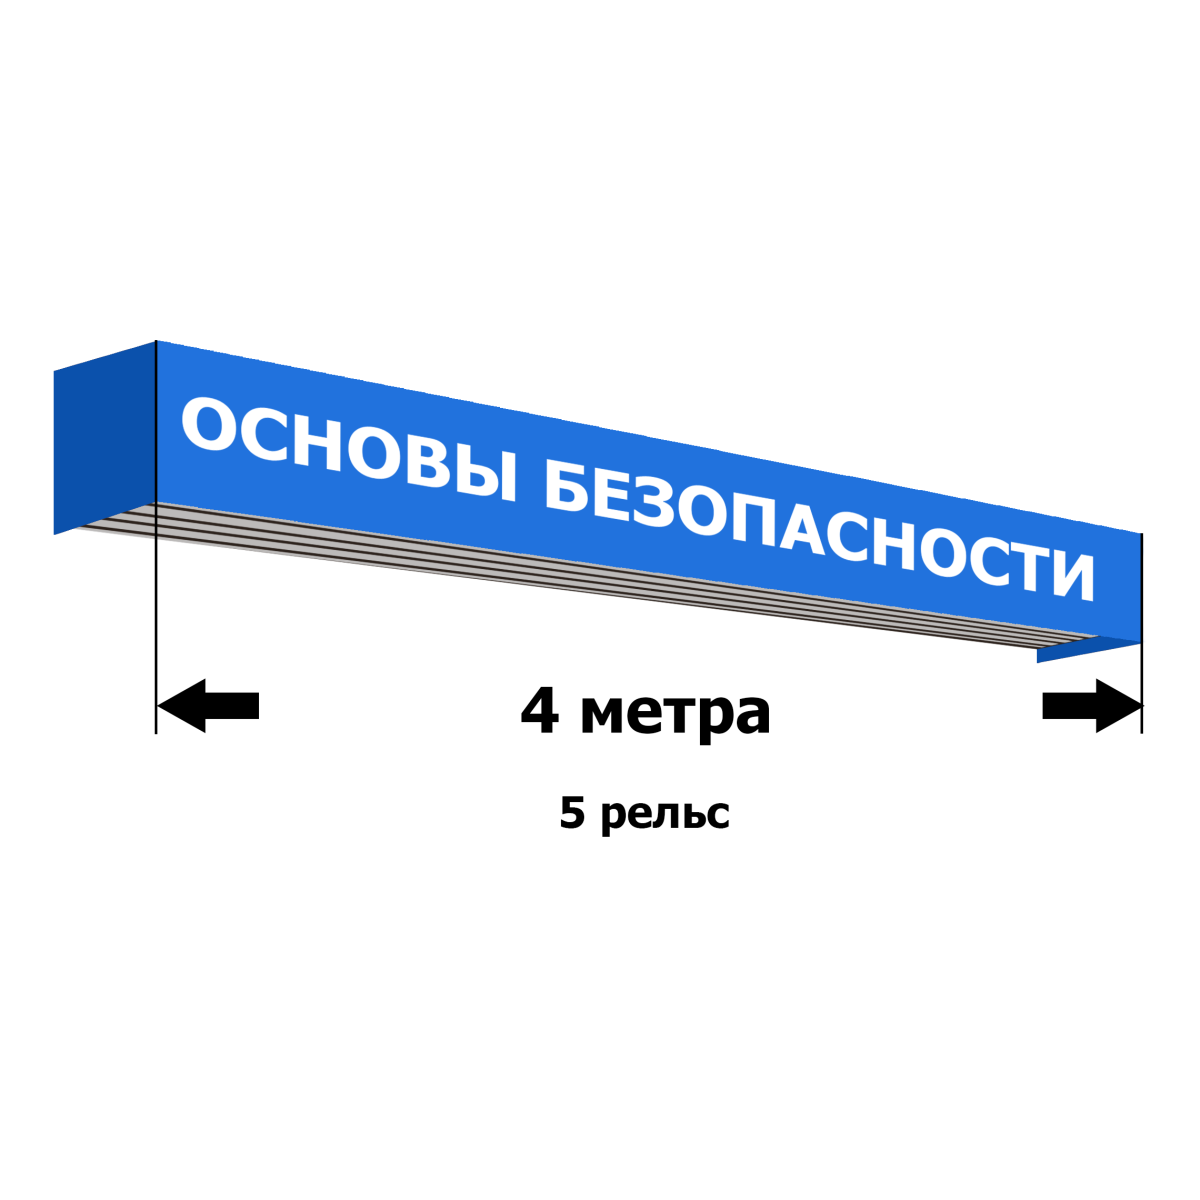 Рельсовая система длиной 4 метра на 5 рельс